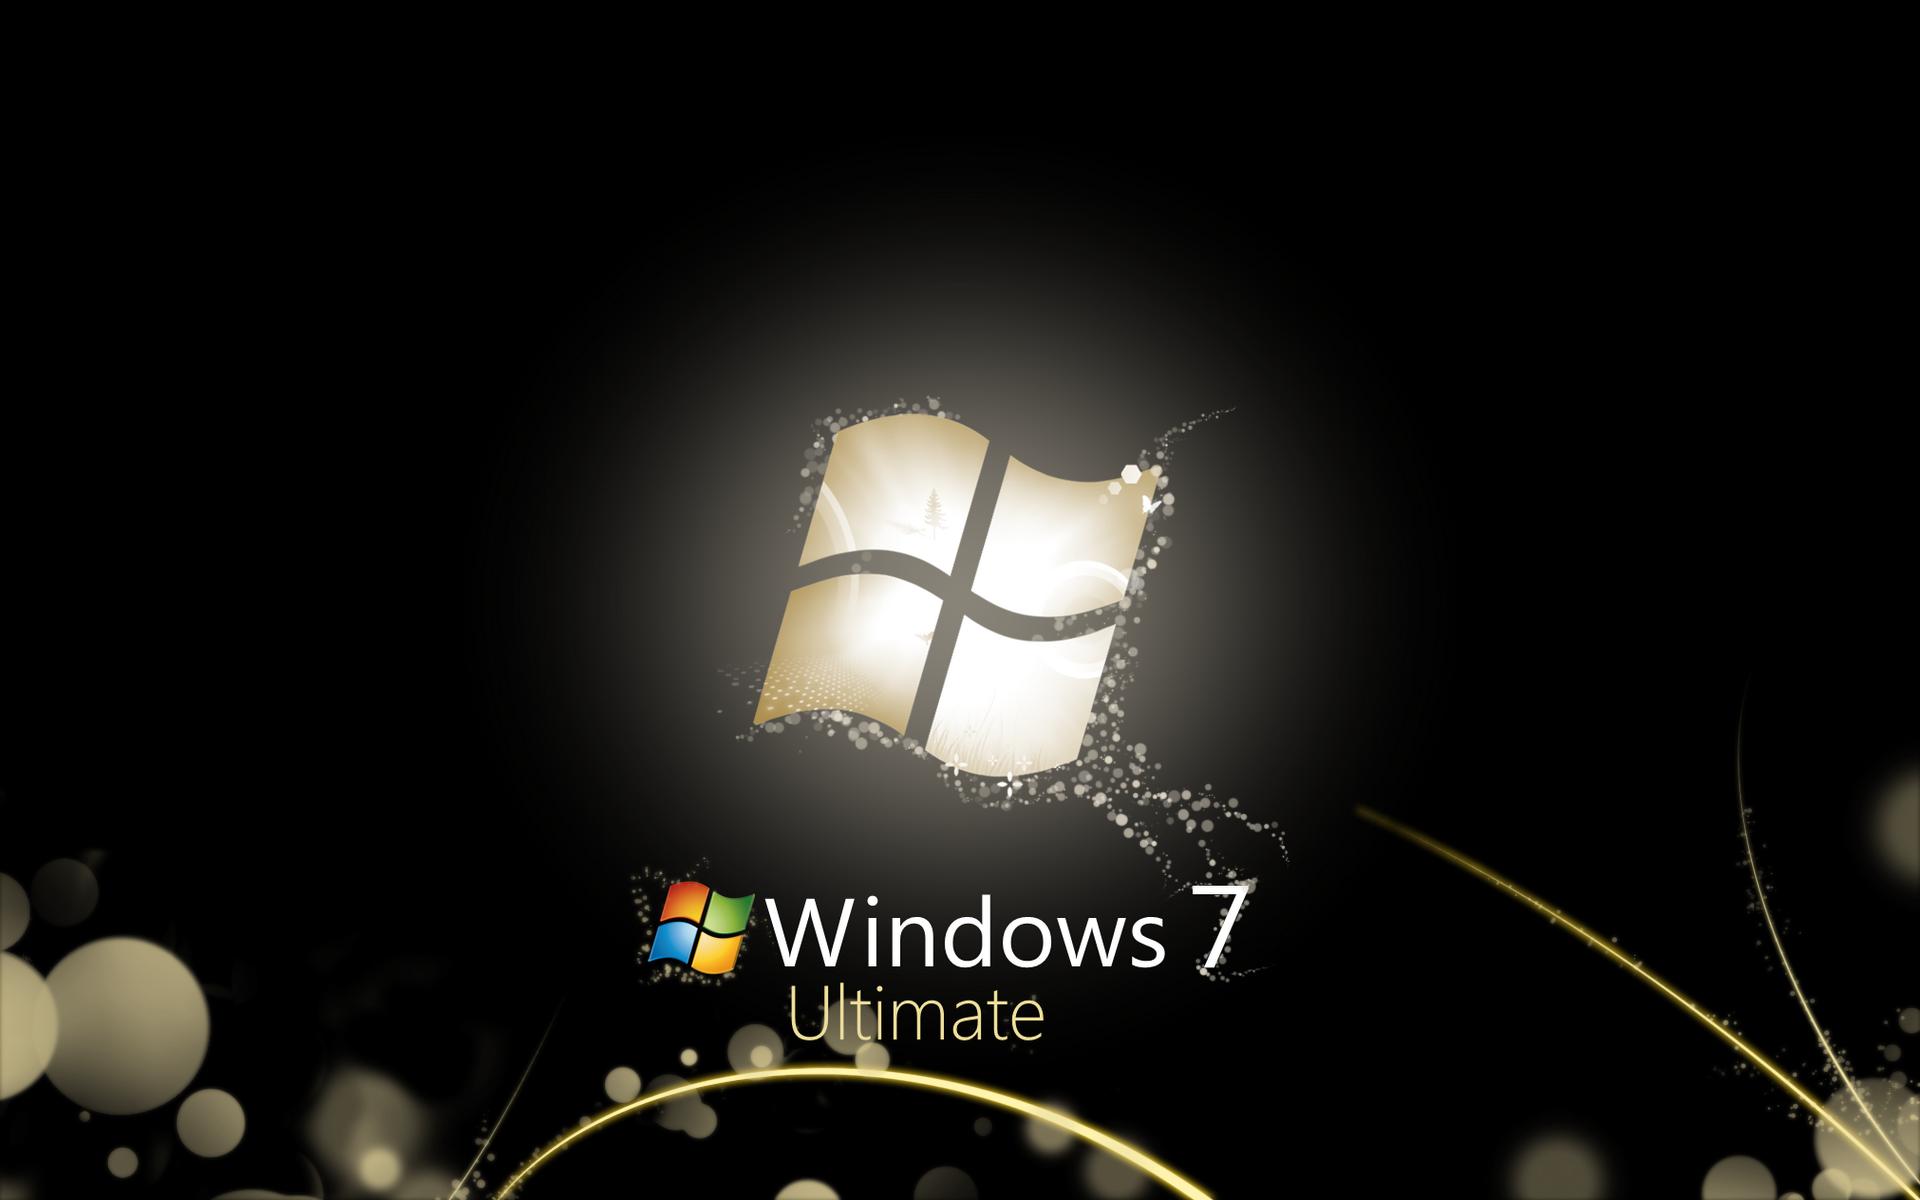 47] Windows 7 Ultimate Backgrounds on WallpaperSafari 1920x1200